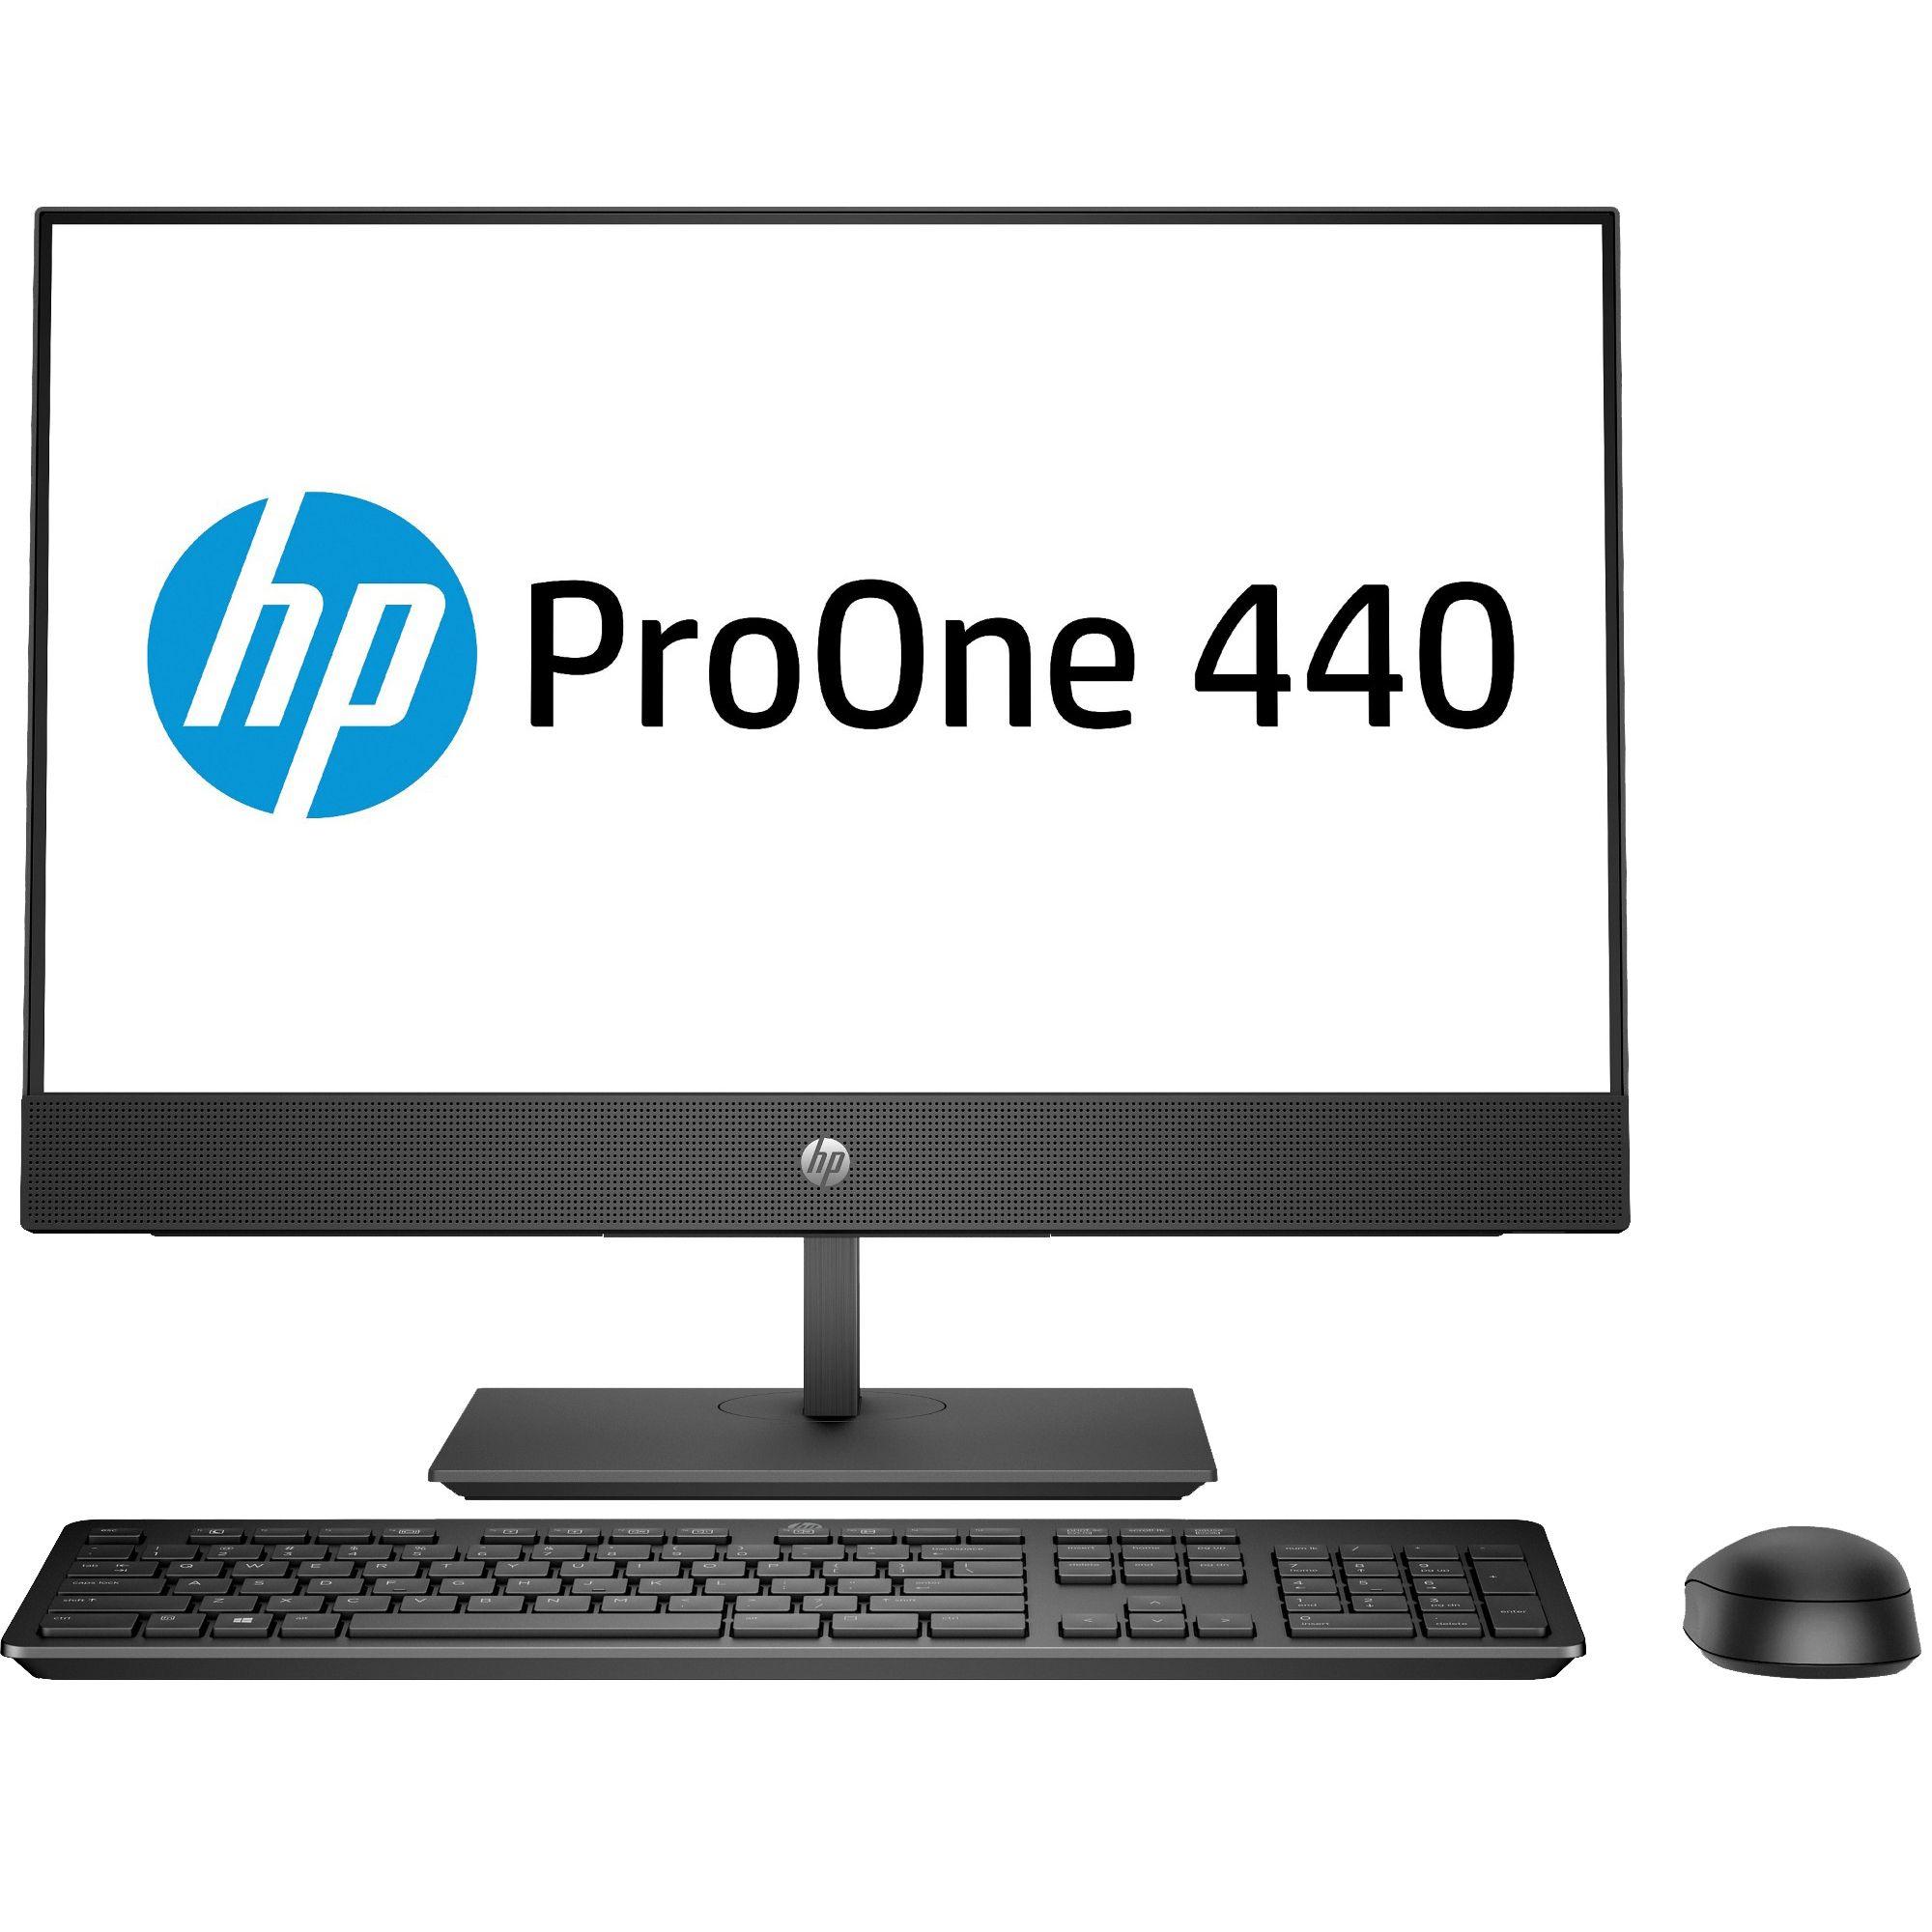 Sistem All-In-One HP ProOne 440 G4 23.8 Full HD Intel Core i5-8500T RAM 8GB SSD 256GB Windows 10 Pro